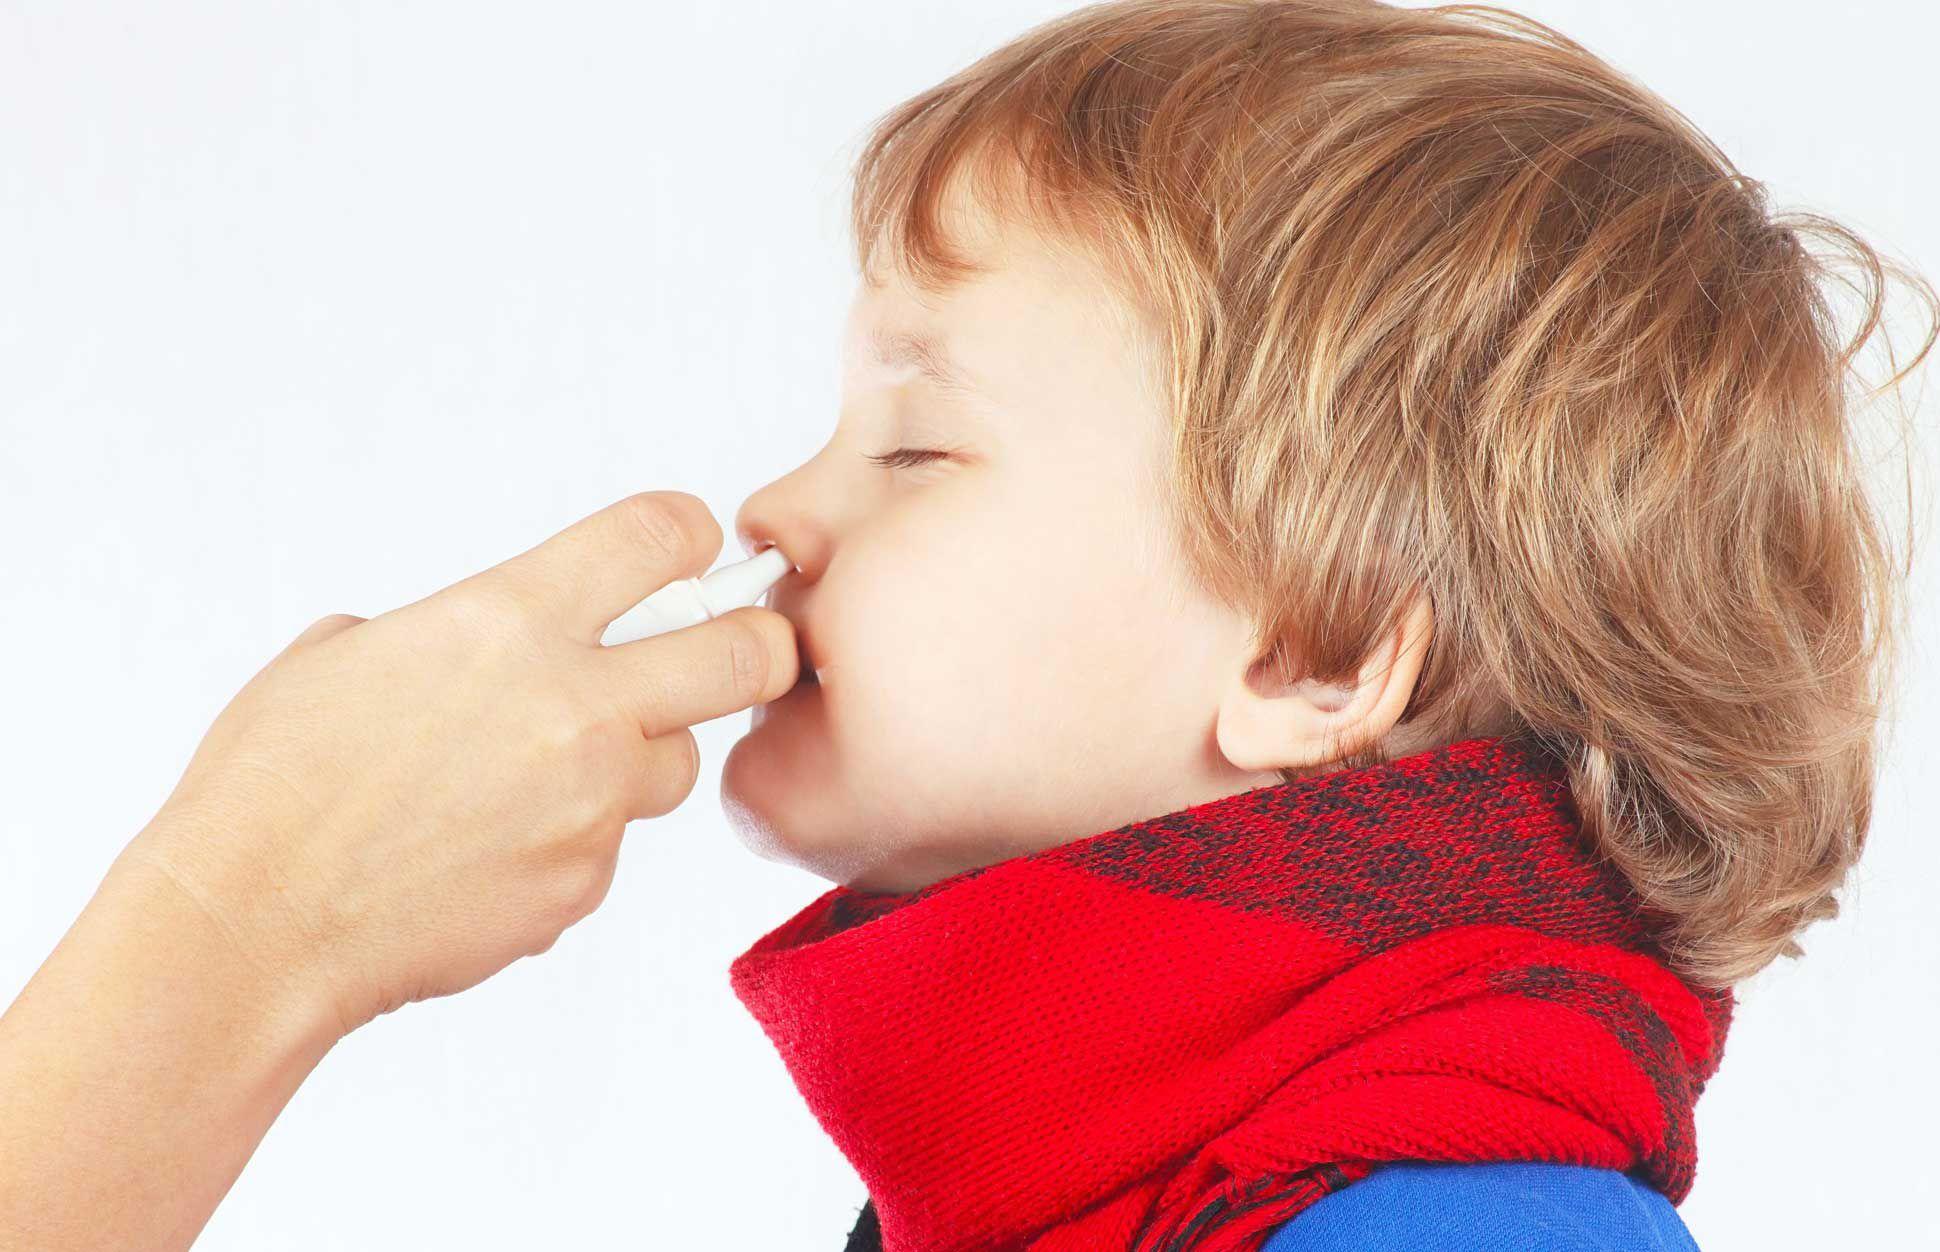 طريقة تخفيف الكحه عند الاطفال في المنزل صحة صح